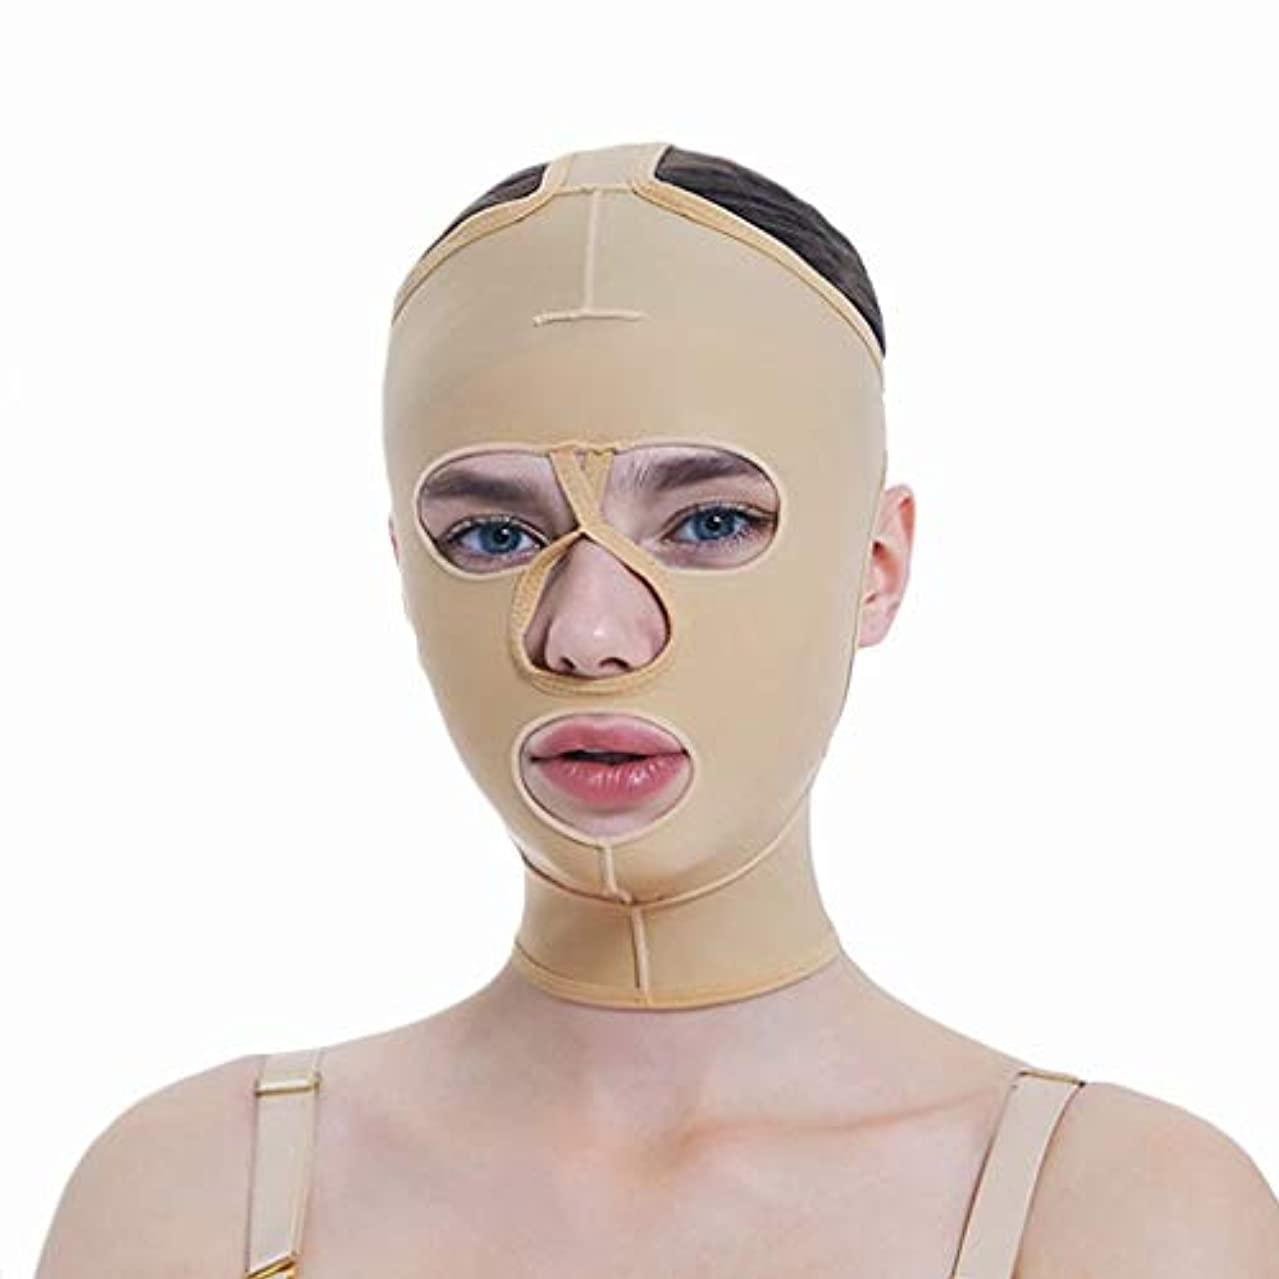 フェイシャル減量マスク、フルカバレッジ包帯、フルフェイスリフティングマスク、フェイスマスク、快適で リフティングシェーピング(サイズ:S),ザ?